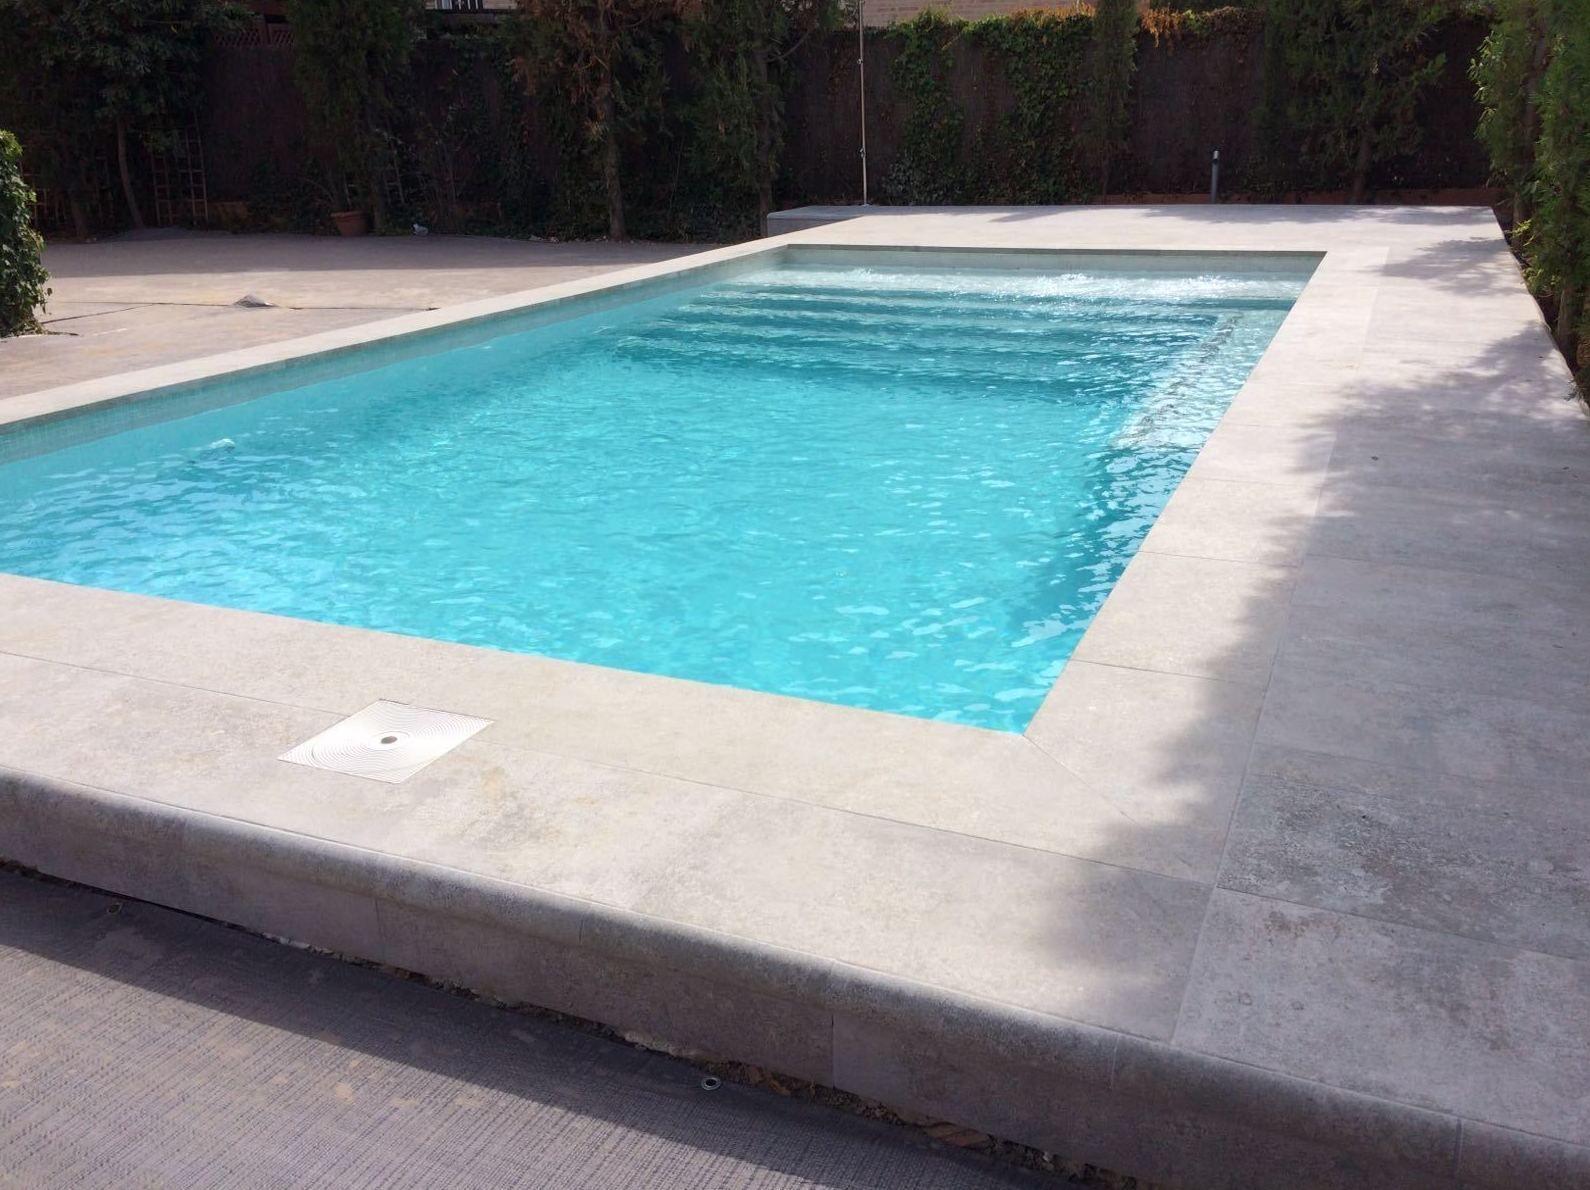 Reparaci n de piscinas en valencia propool piscinas for Reparacion piscinas